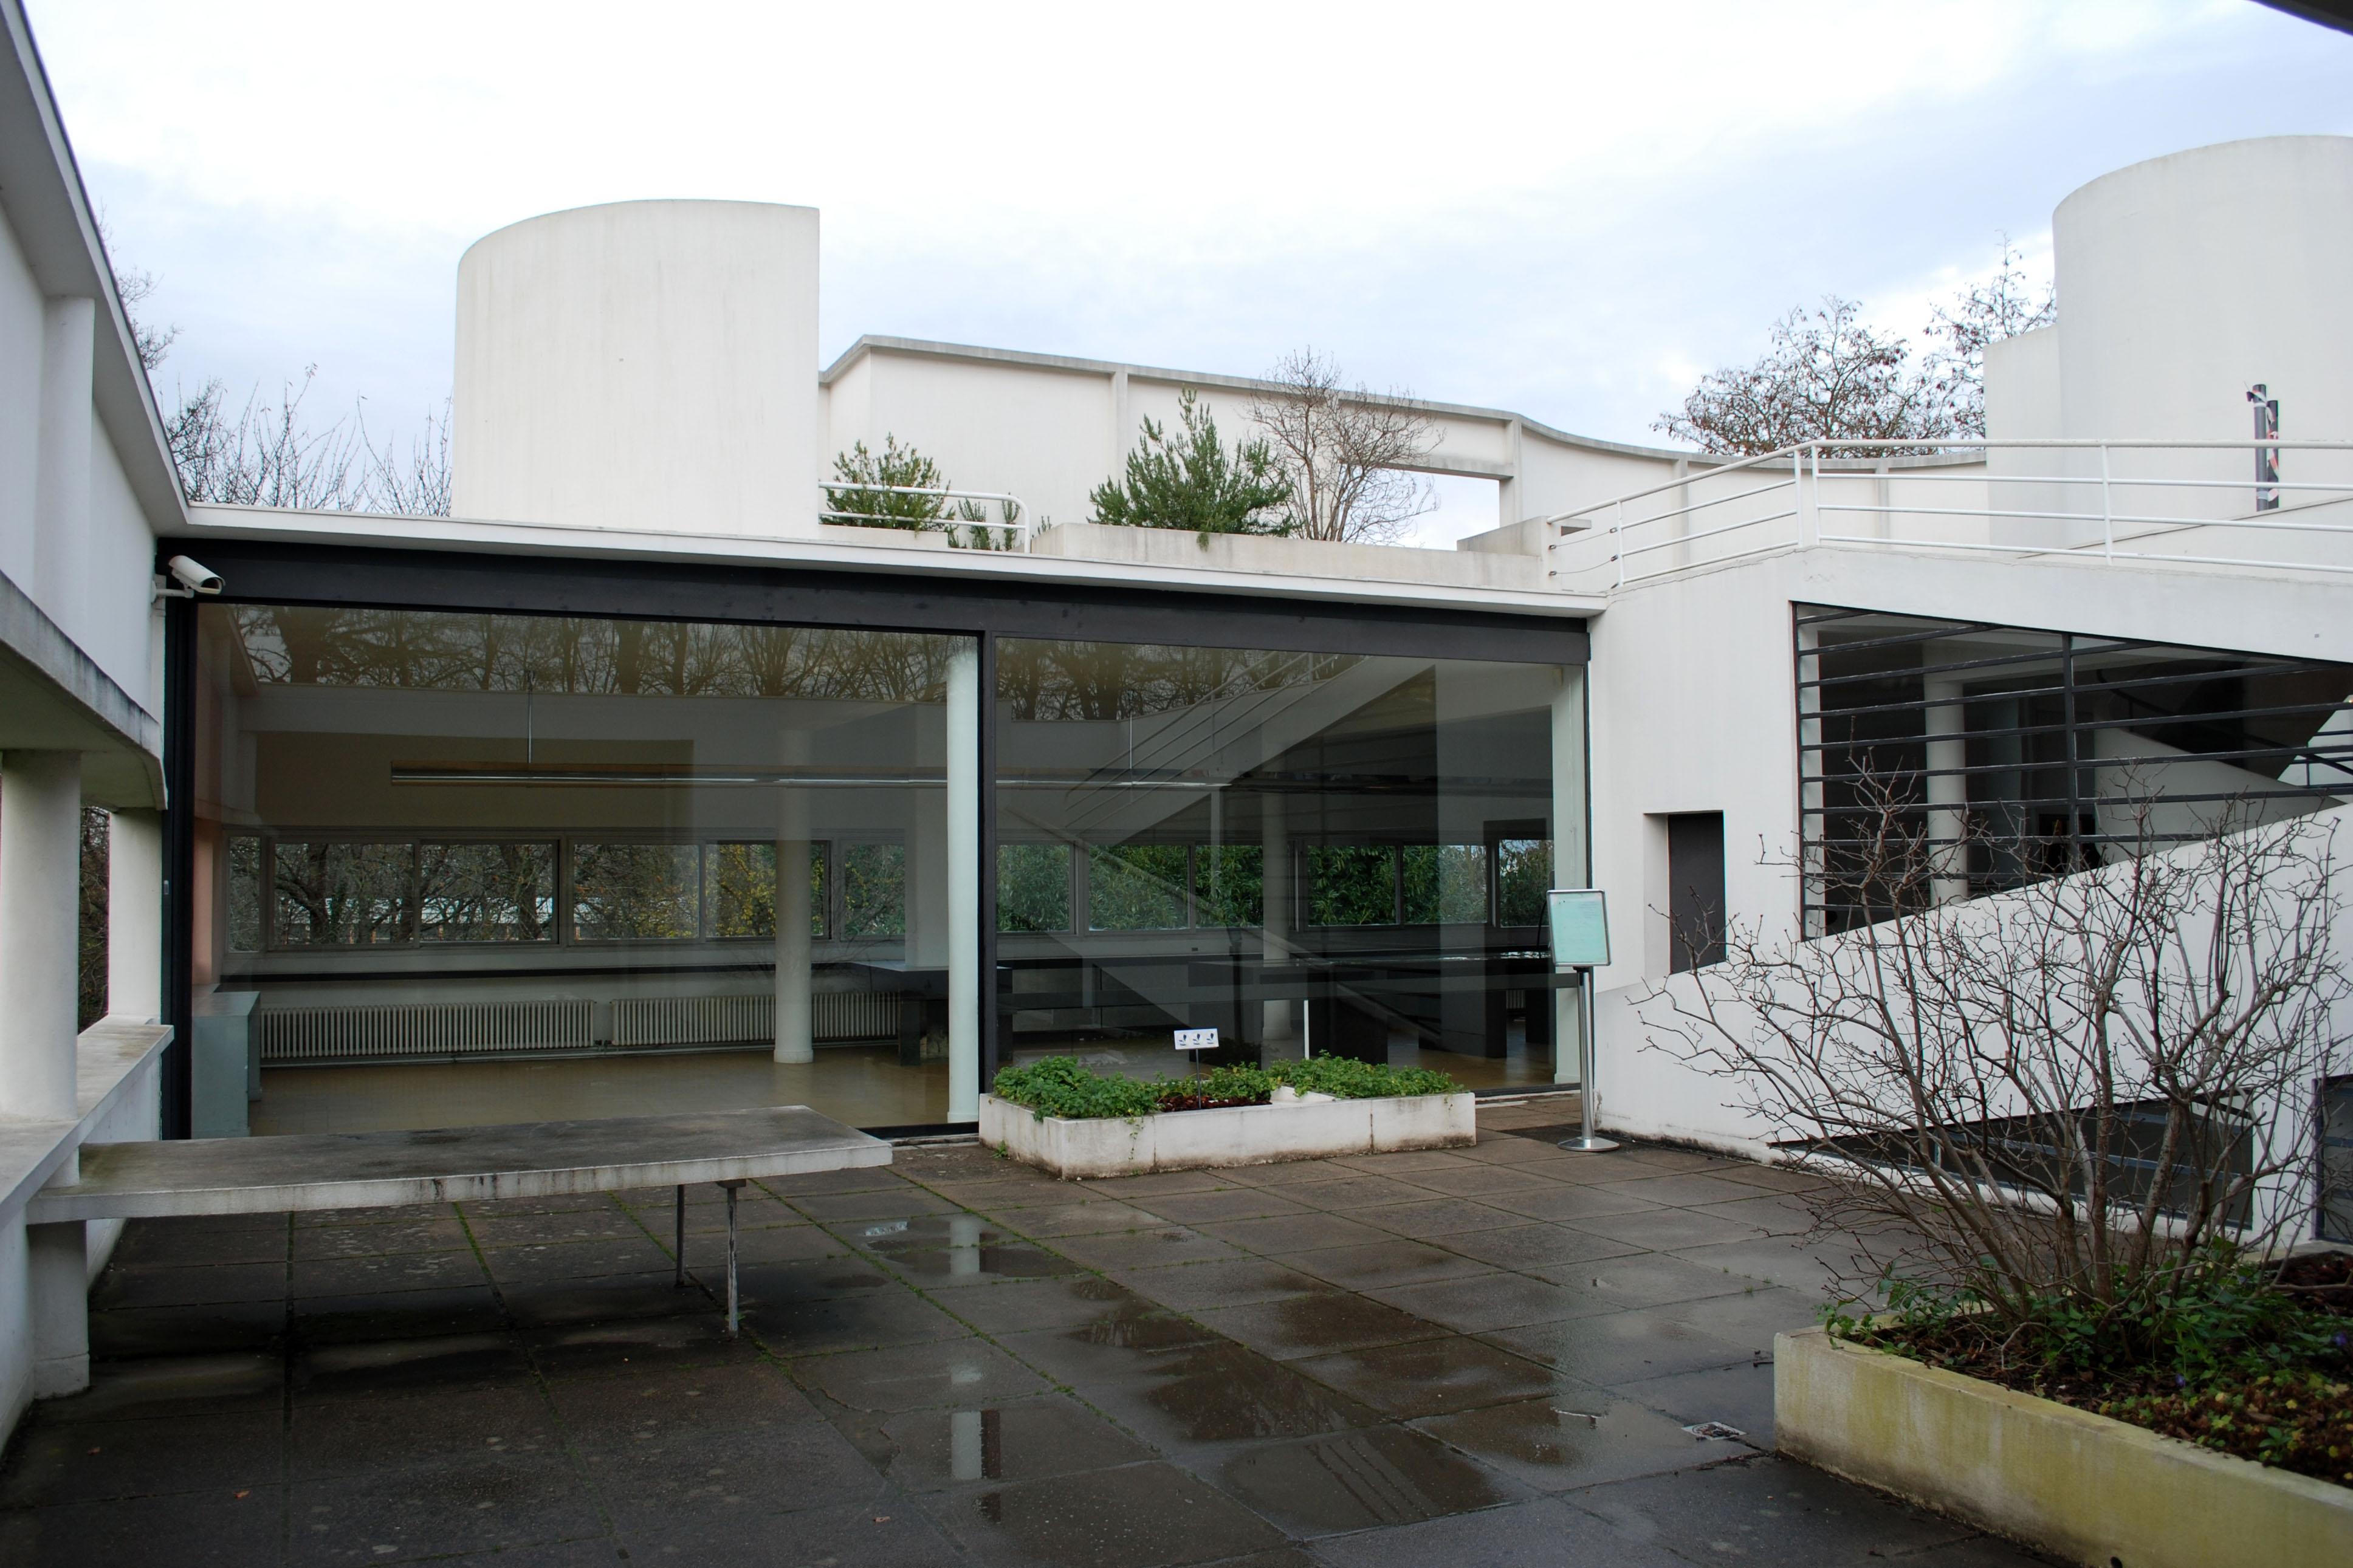 LE CORBUSIER, VILLA SAVOYE, POISSY 1931 - herearchitecture.com